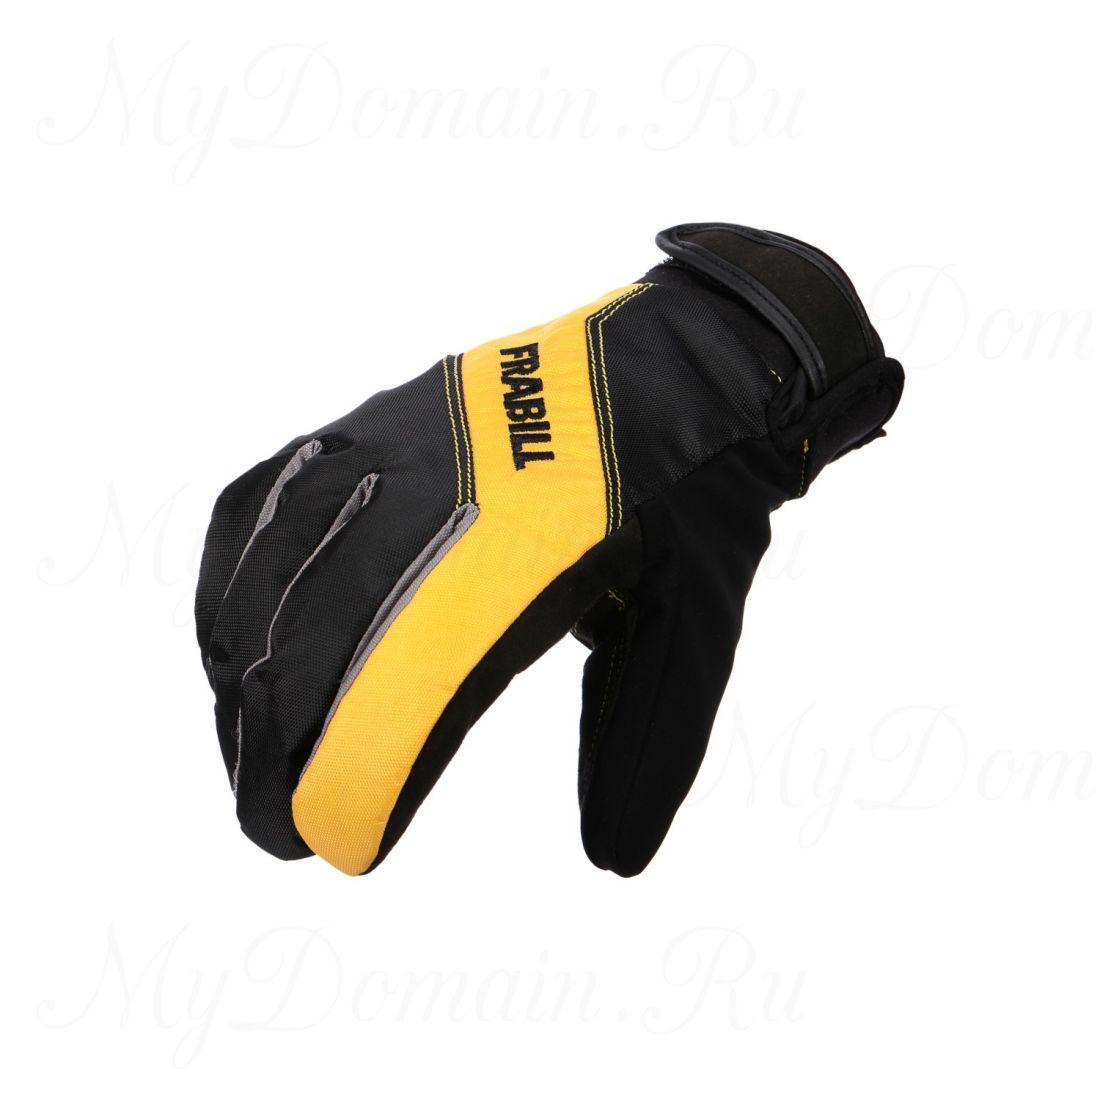 Перчатки Frabill Task Glove ALP водо/ветрозащитные дышащие черные размер L